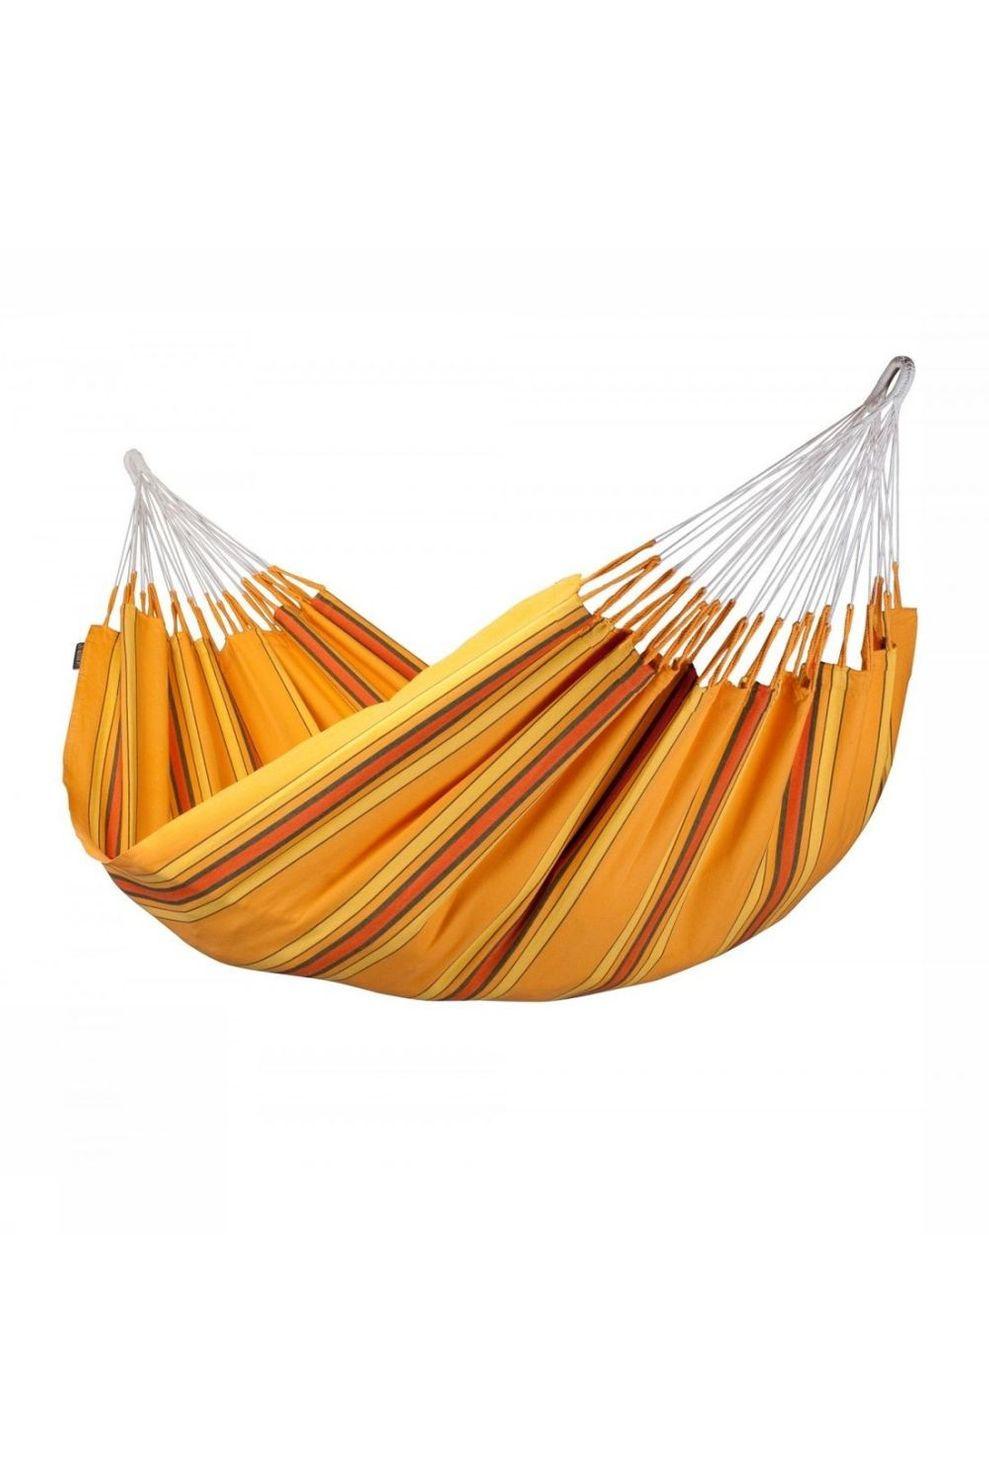 La Siesta Hangmat Currambera Double - Oranje/ Gemengd